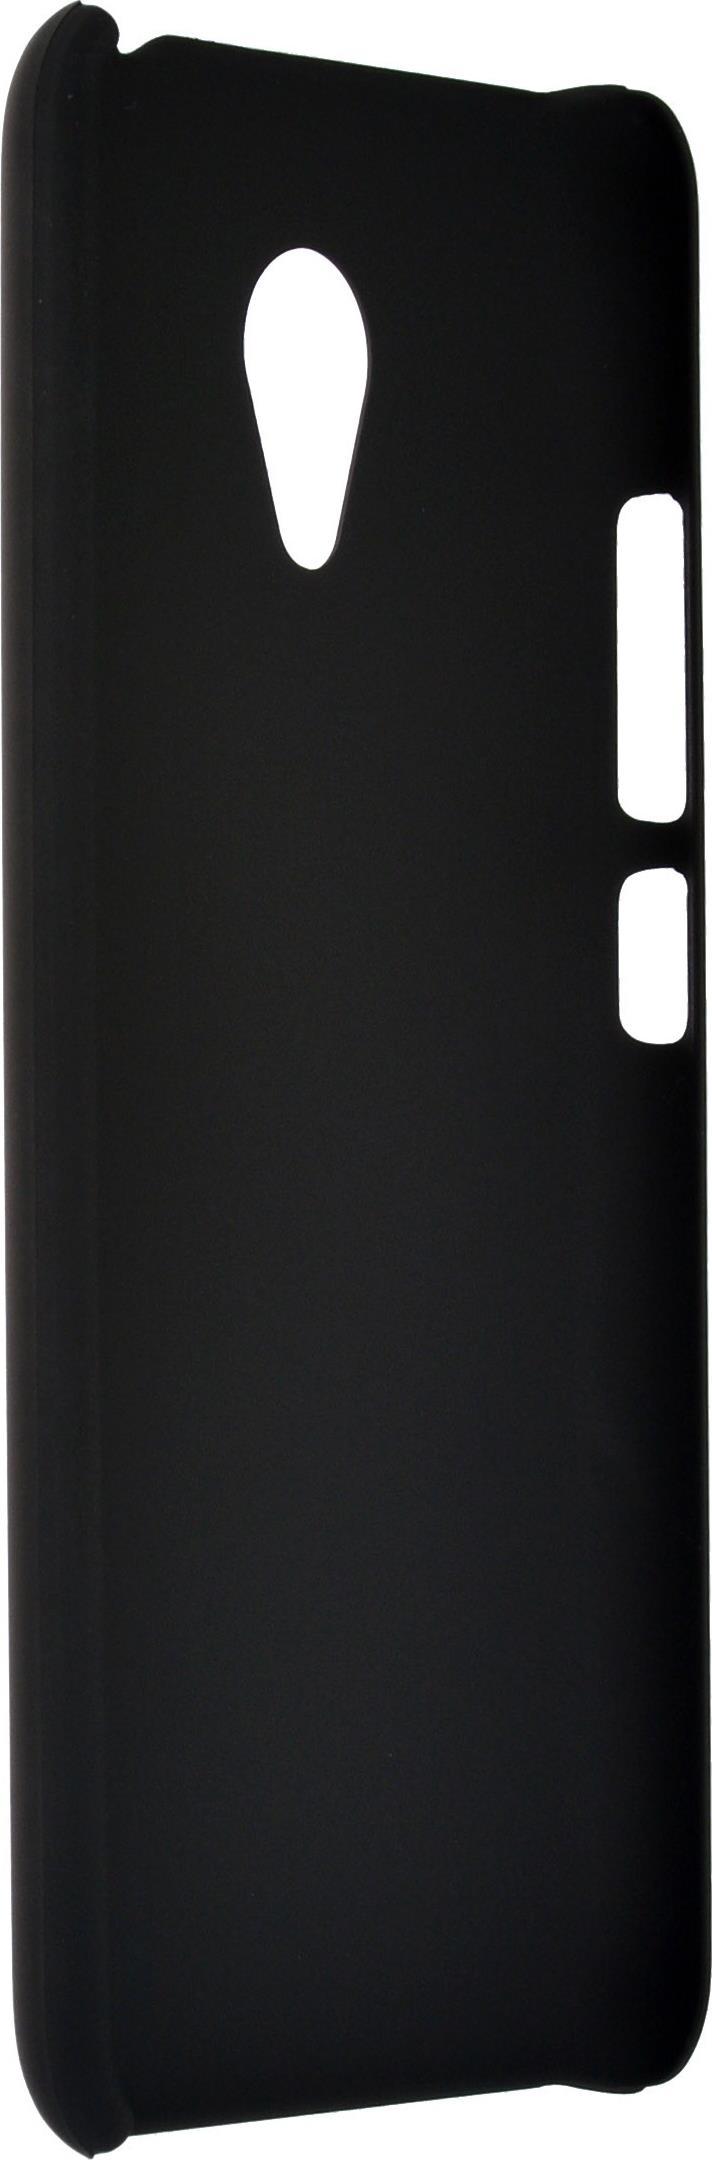 Фото - Чехол для сотового телефона skinBOX 4People, 4660041407501, черный чехол для сотового телефона skinbox 4people 4660041407501 черный